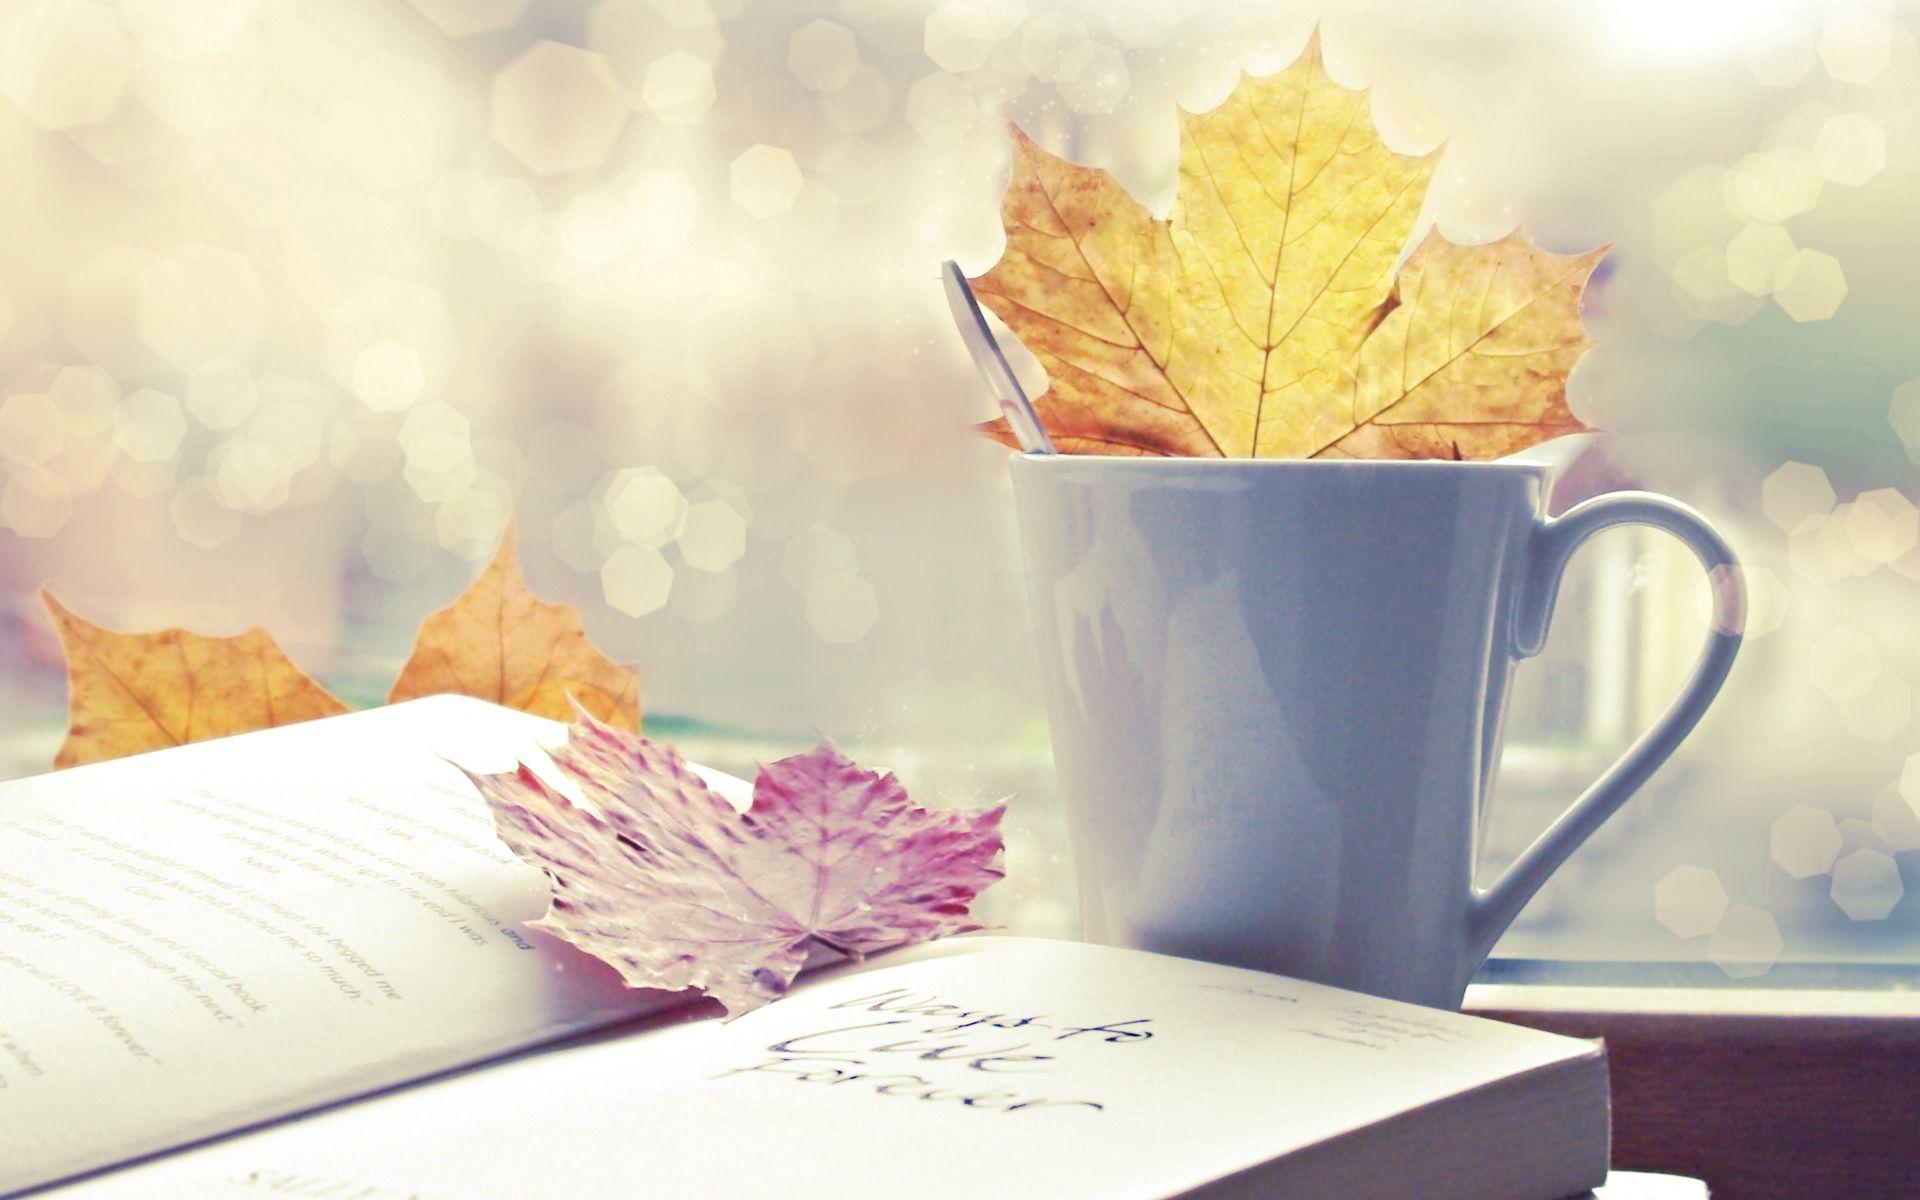 79308 скачать обои Природа, Лист, Чашка, Книга, Осень - заставки и картинки бесплатно